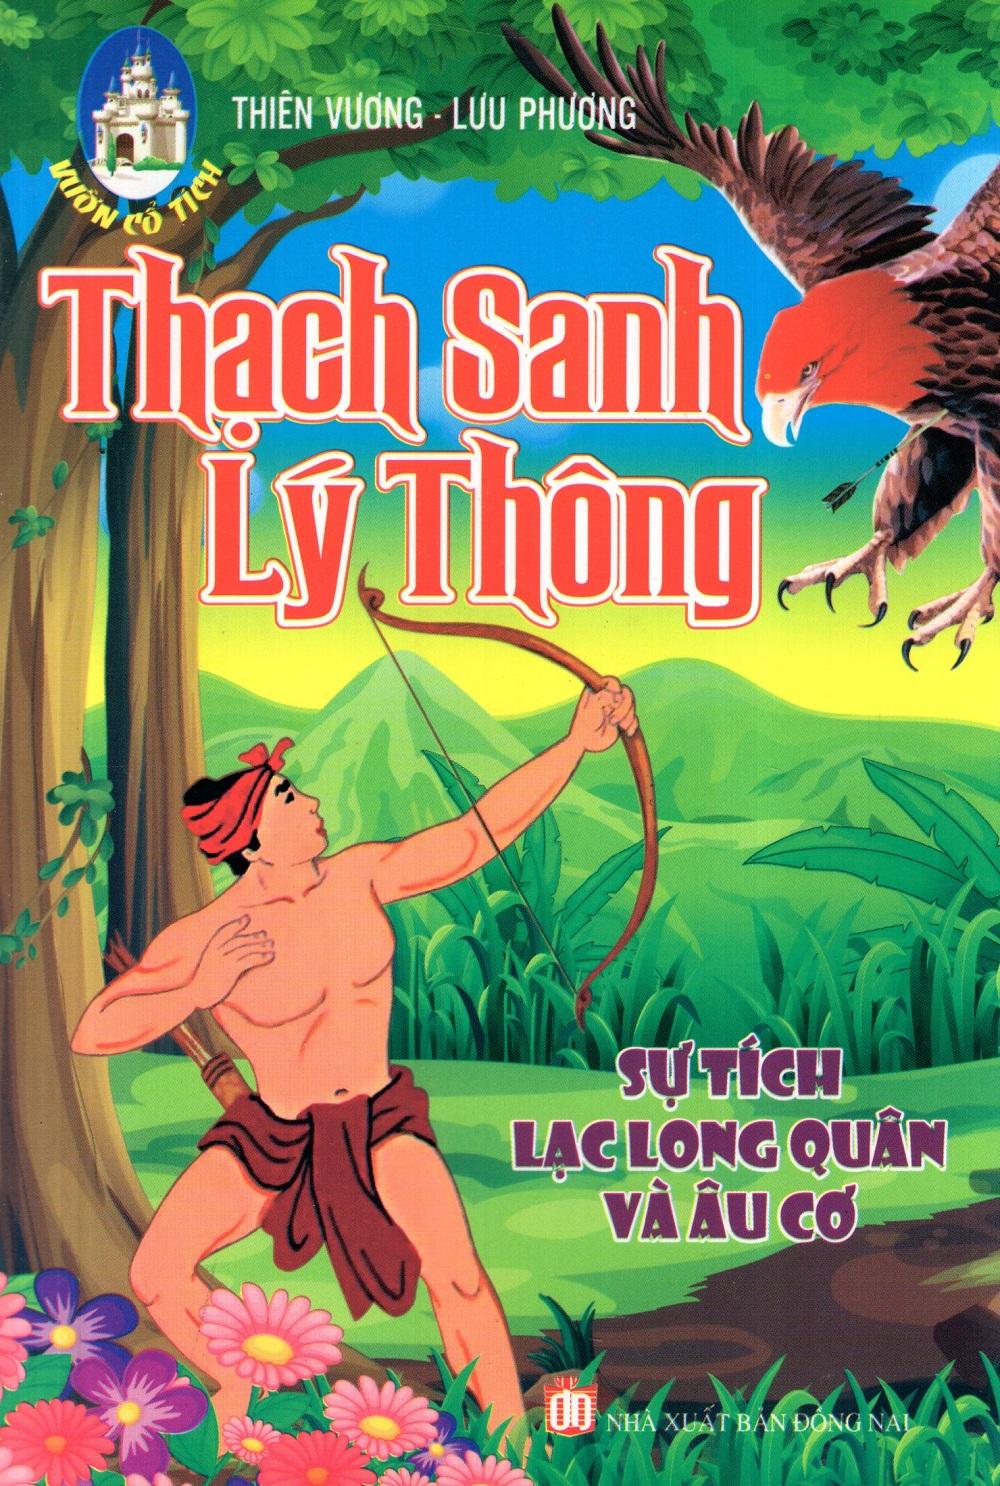 Vườn Cổ Tích - Thạch Sanh - Lý Thông - 8935072182380,62_268680,25000,tiki.vn,Vuon-Co-Tich-Thach-Sanh-Ly-Thong-62_268680,Vườn Cổ Tích - Thạch Sanh - Lý Thông